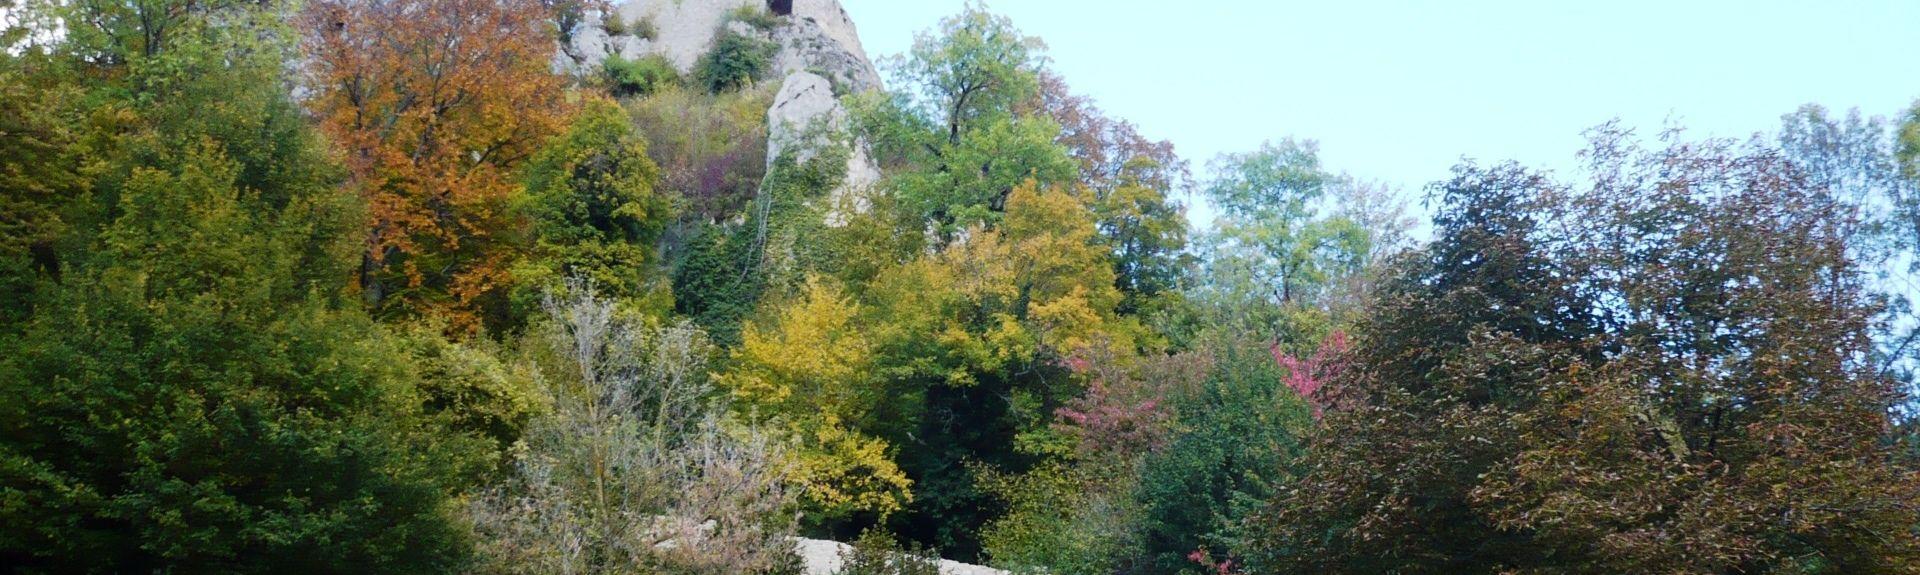 Hirtzbach, France